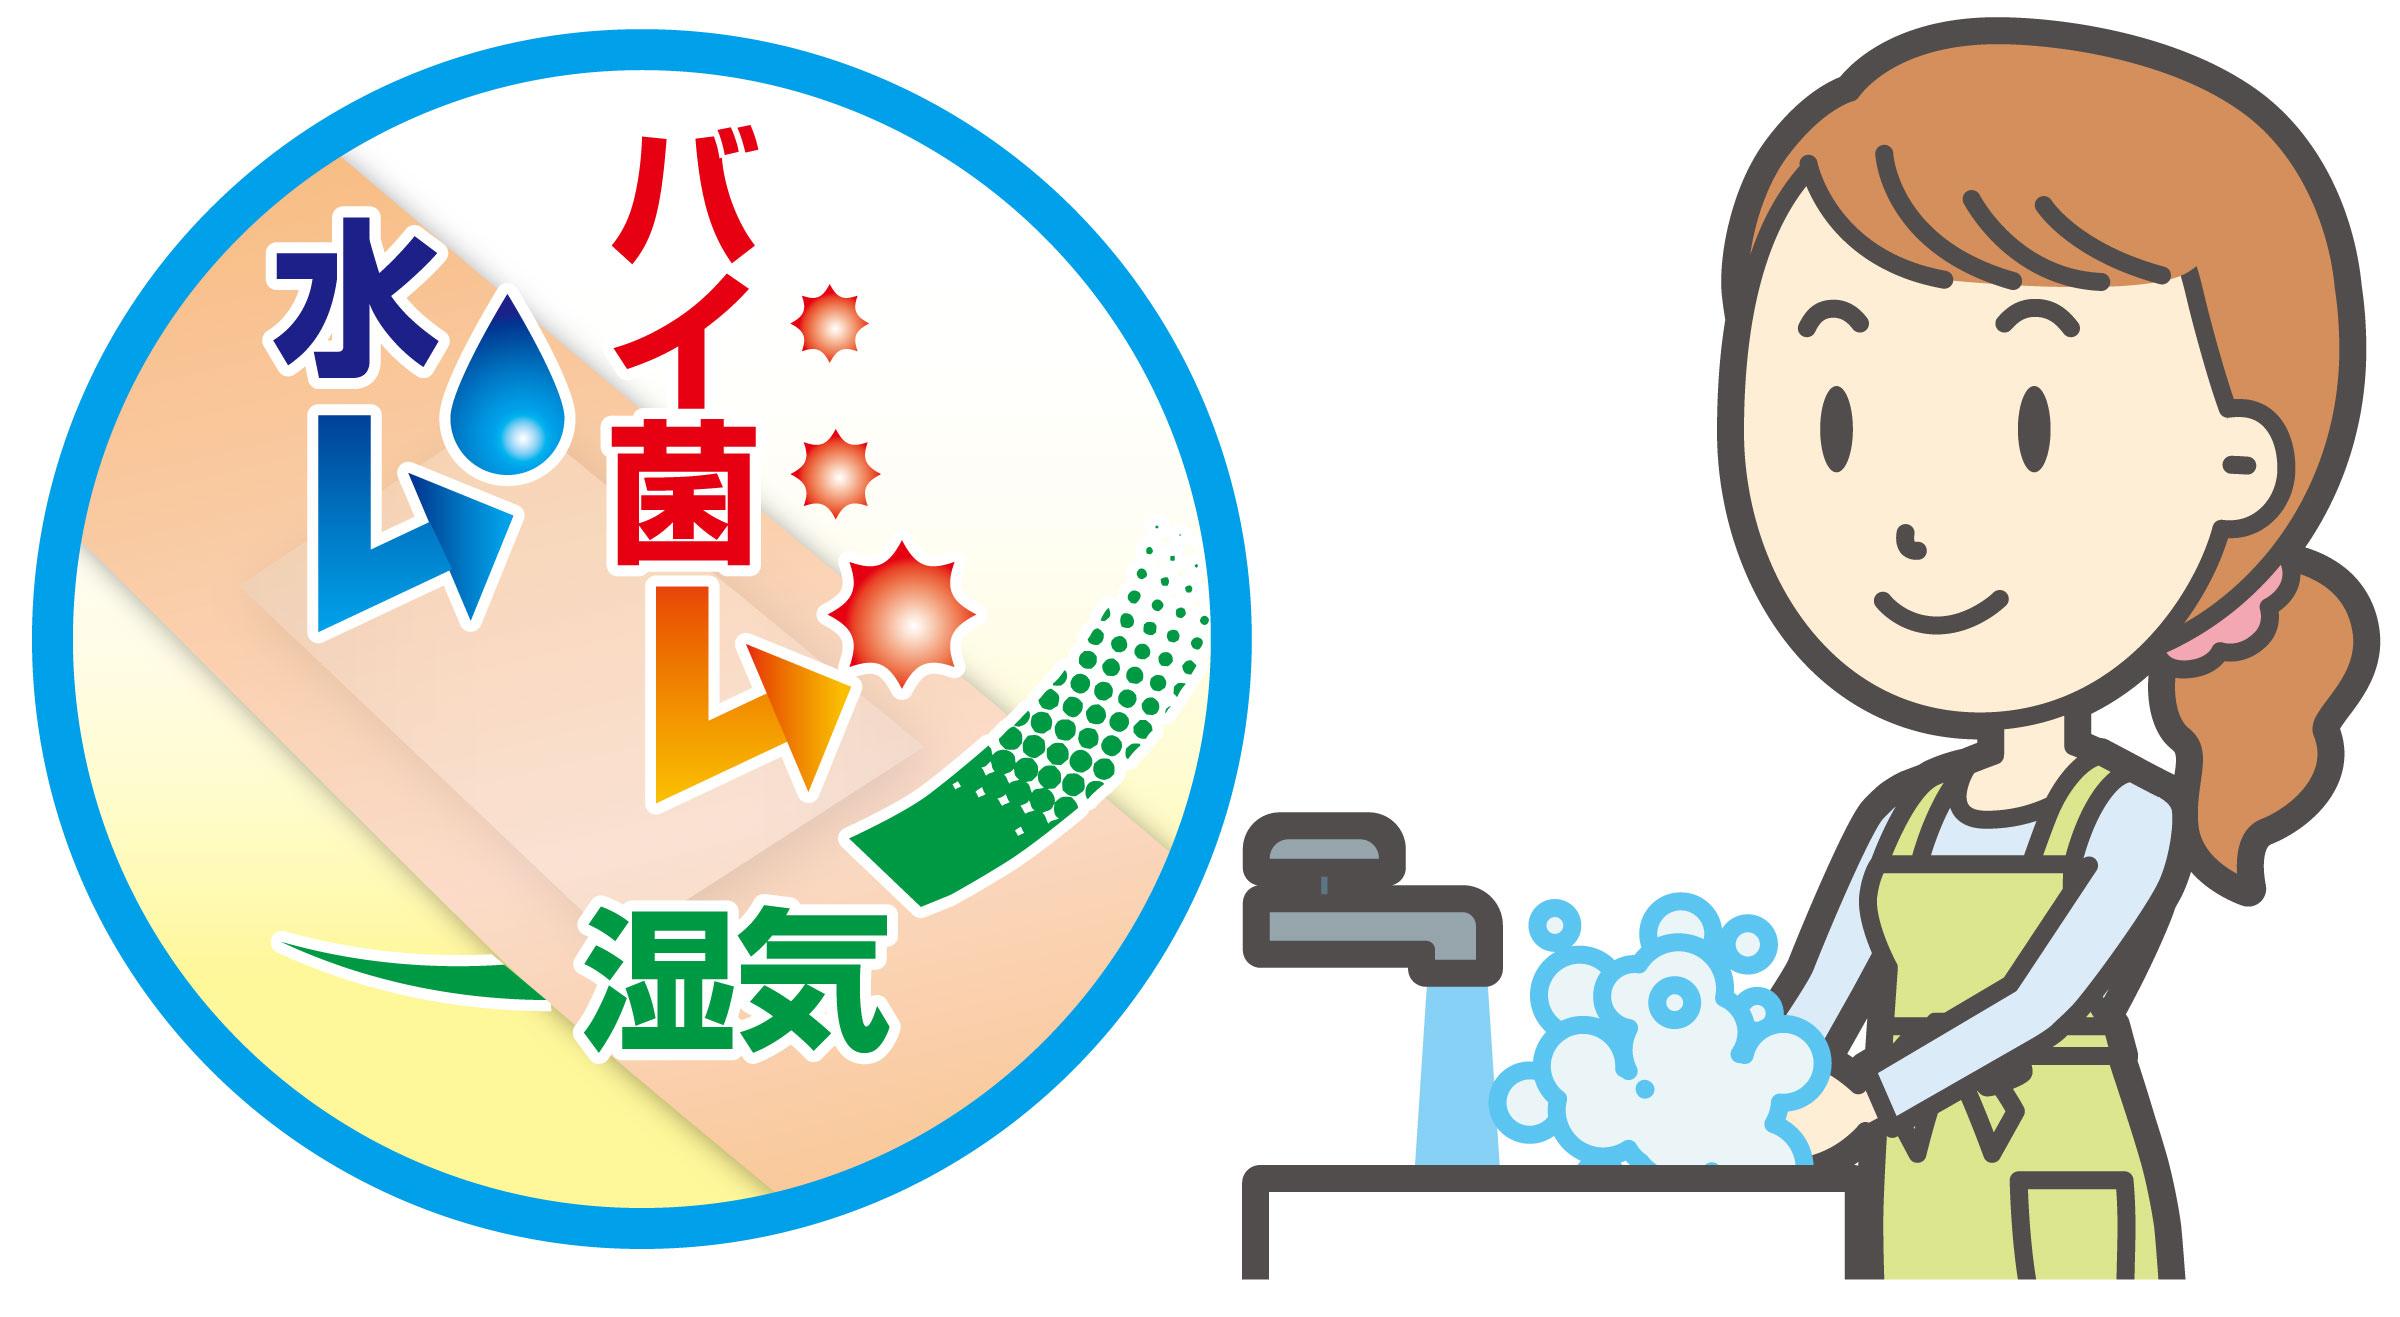 北海道民が愛した絆創膏ブランド「サビオ」が2020年4月に復活!